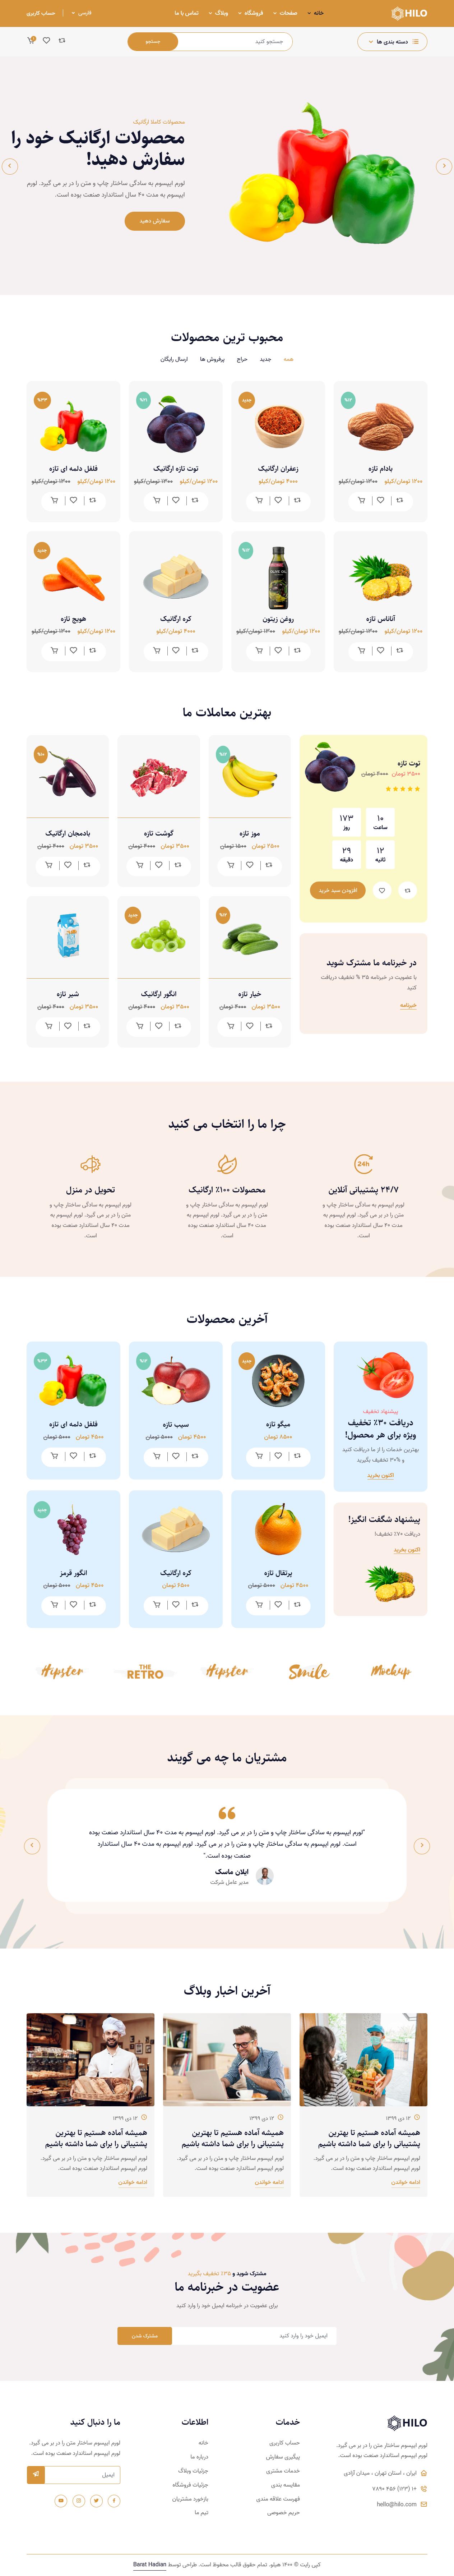 امکانات و صفحات قالب HTML فروشگاهی محصولات ارگانیک هیلو